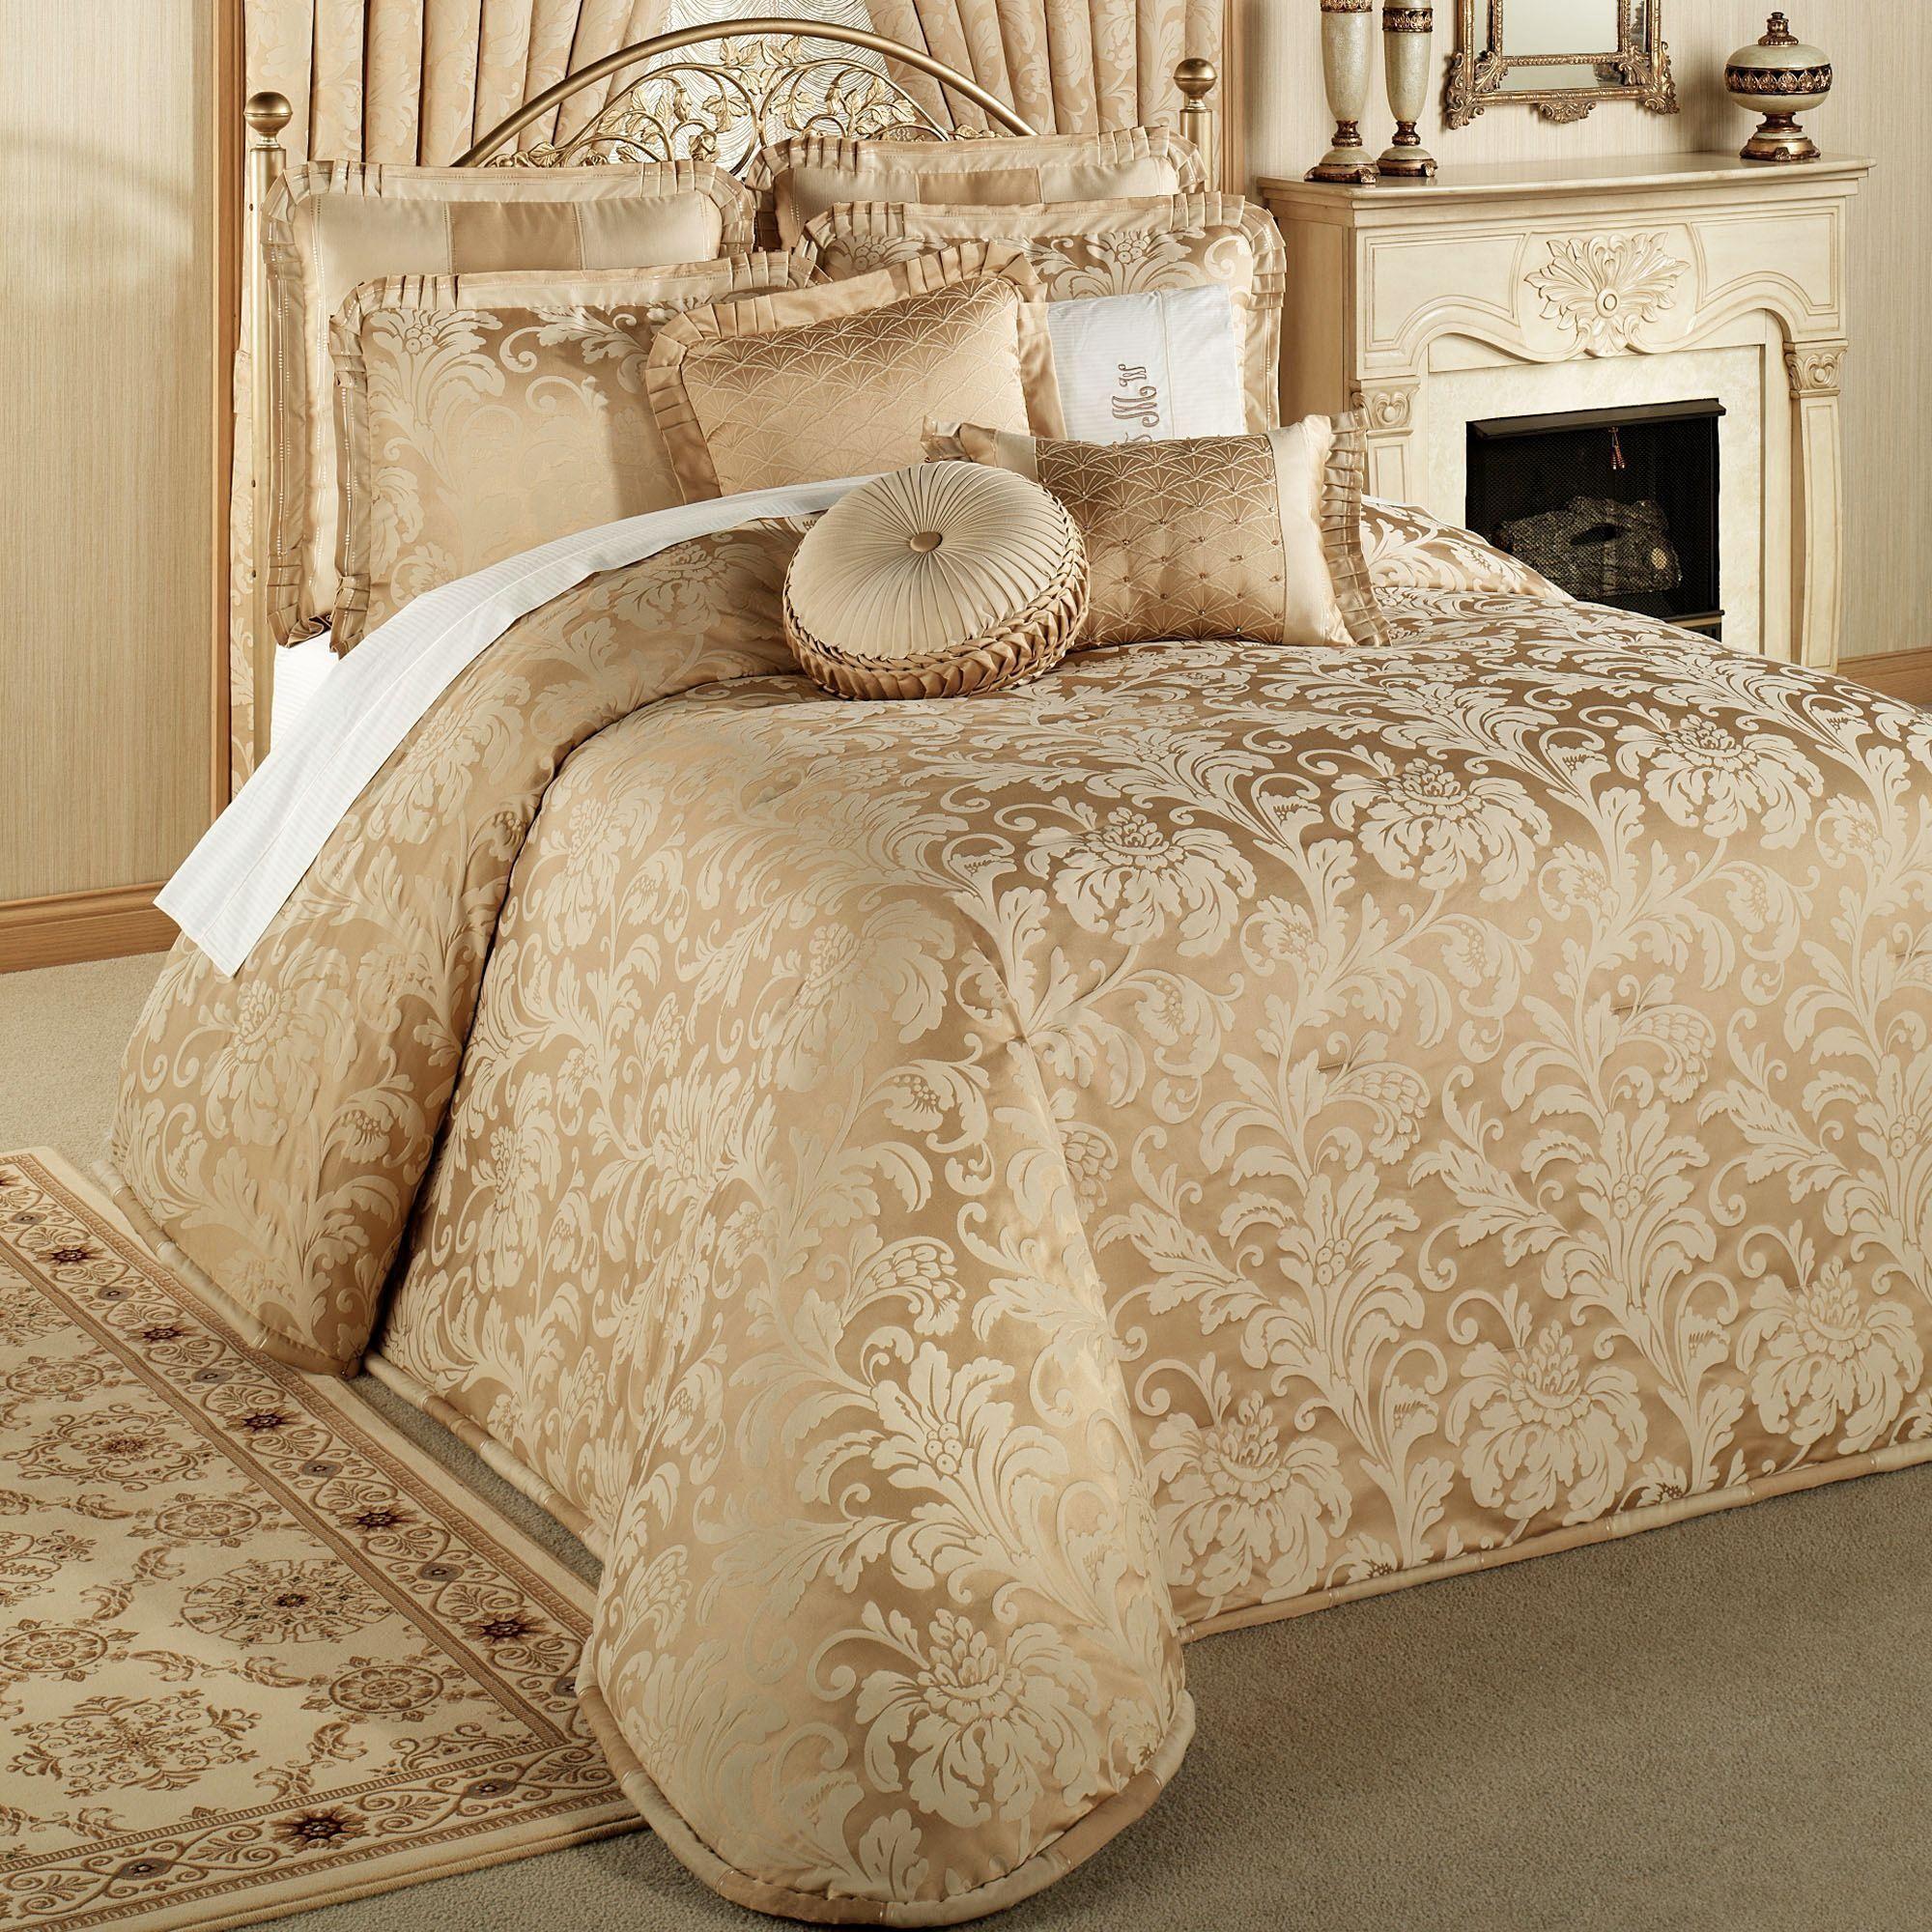 Regent Gold Oversized Bedspread Bedding | Bedspread and King beds : oversized king quilt bedspread - Adamdwight.com